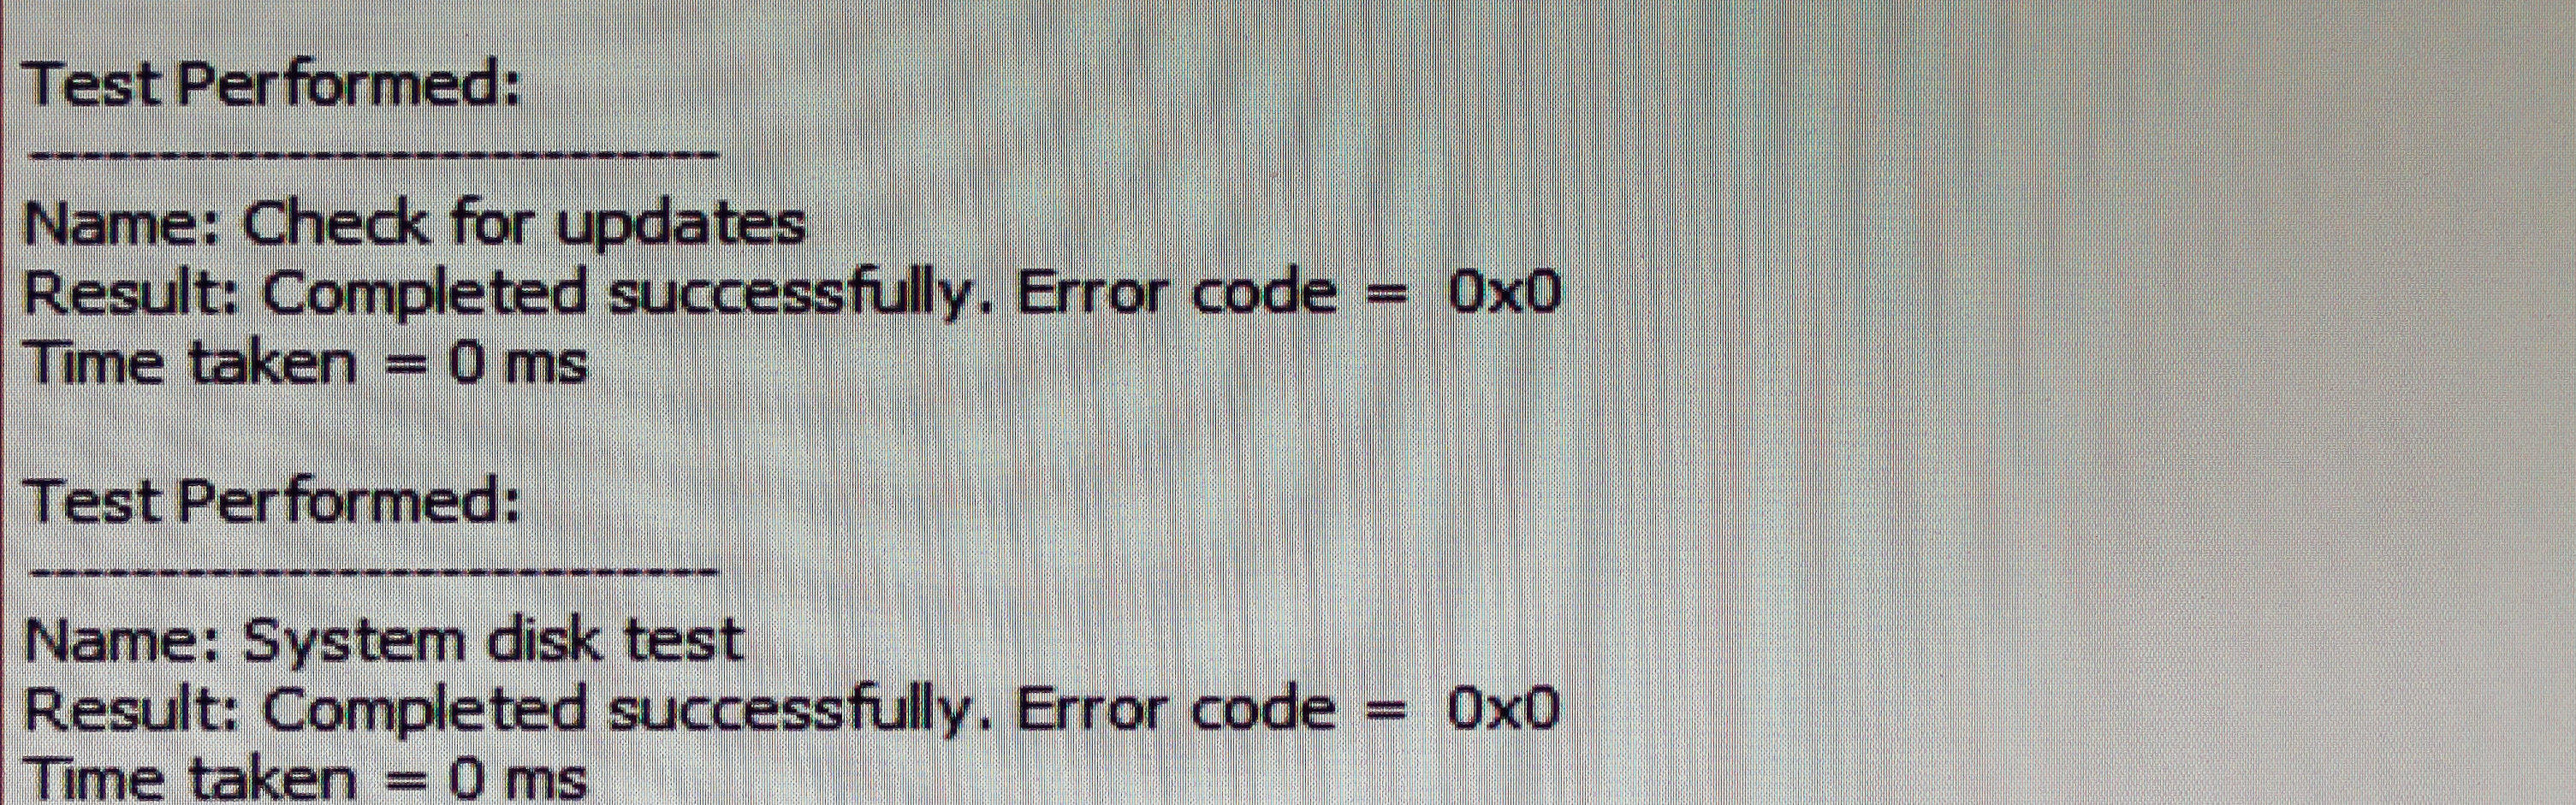 Microsoft-fail-4-detail.jpeg